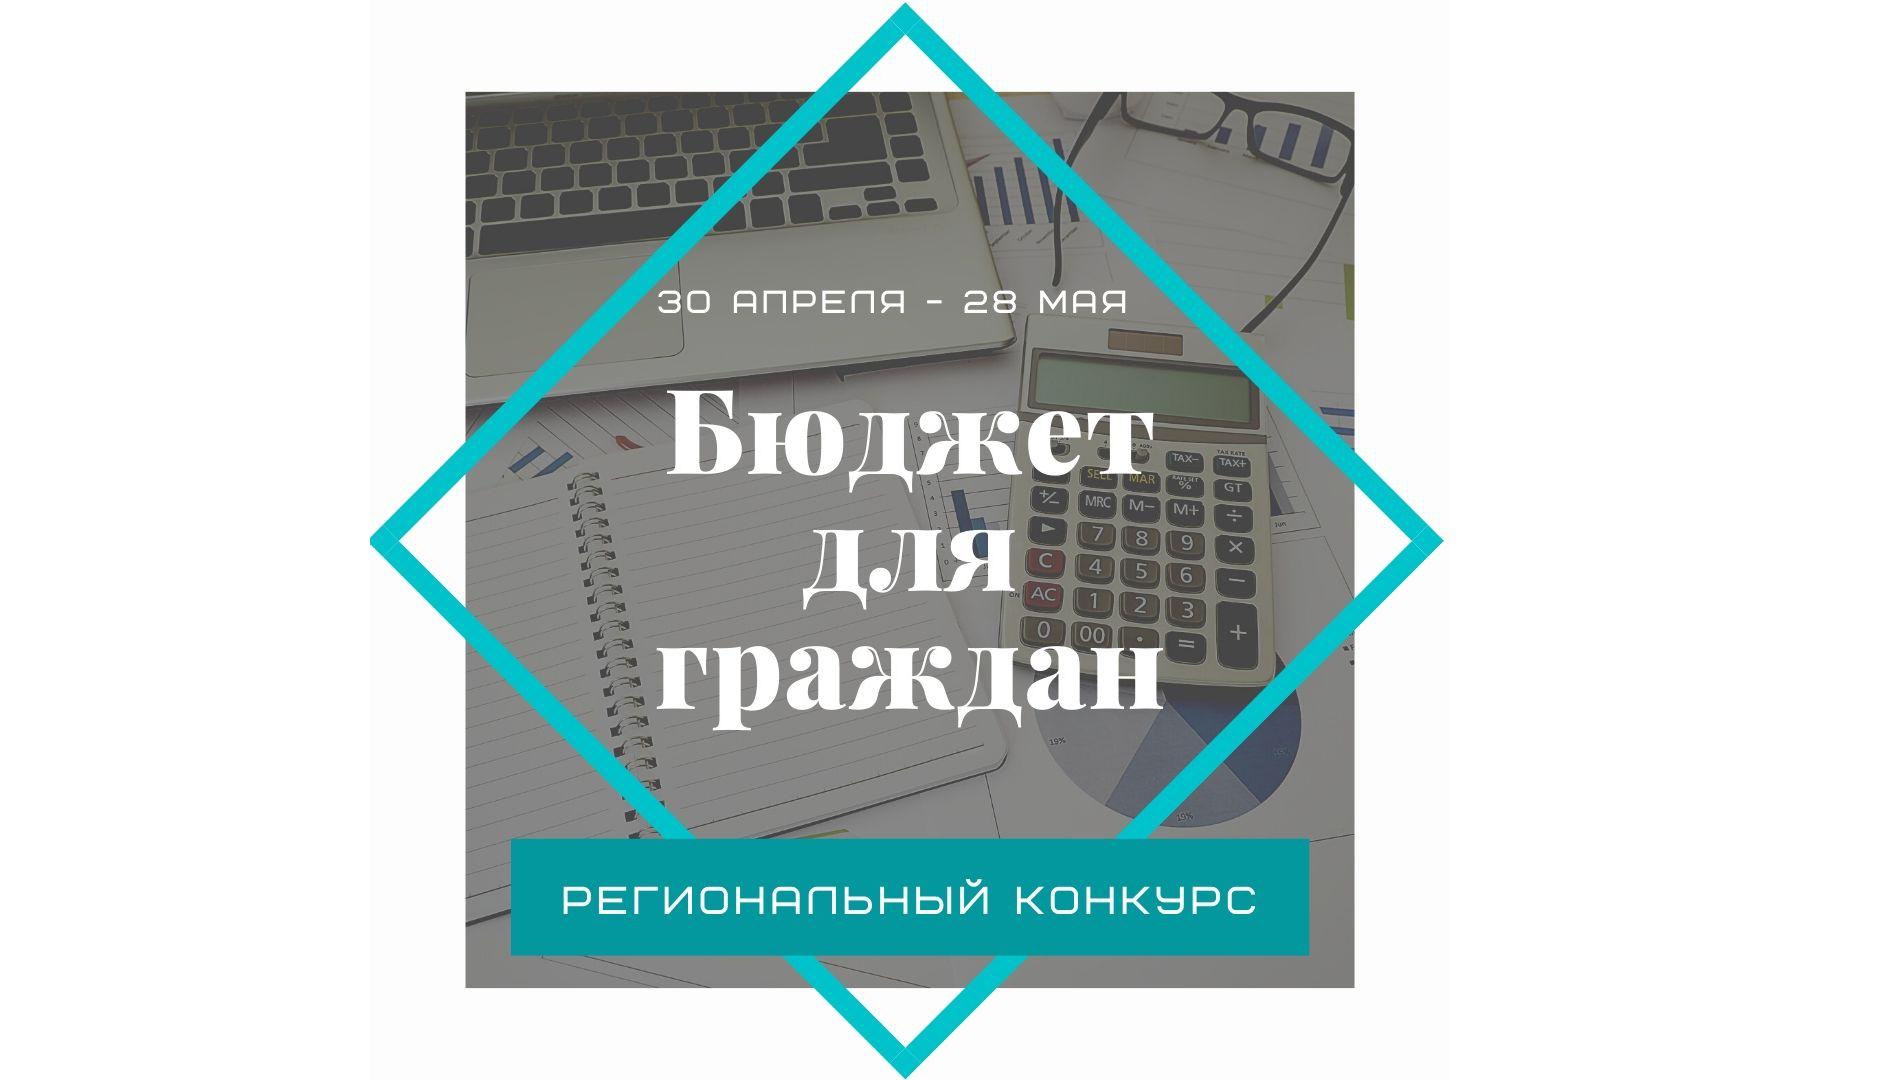 Самые экономически подкованные ярославцы могут выиграть призы в конкурсе «Бюджет для граждан»